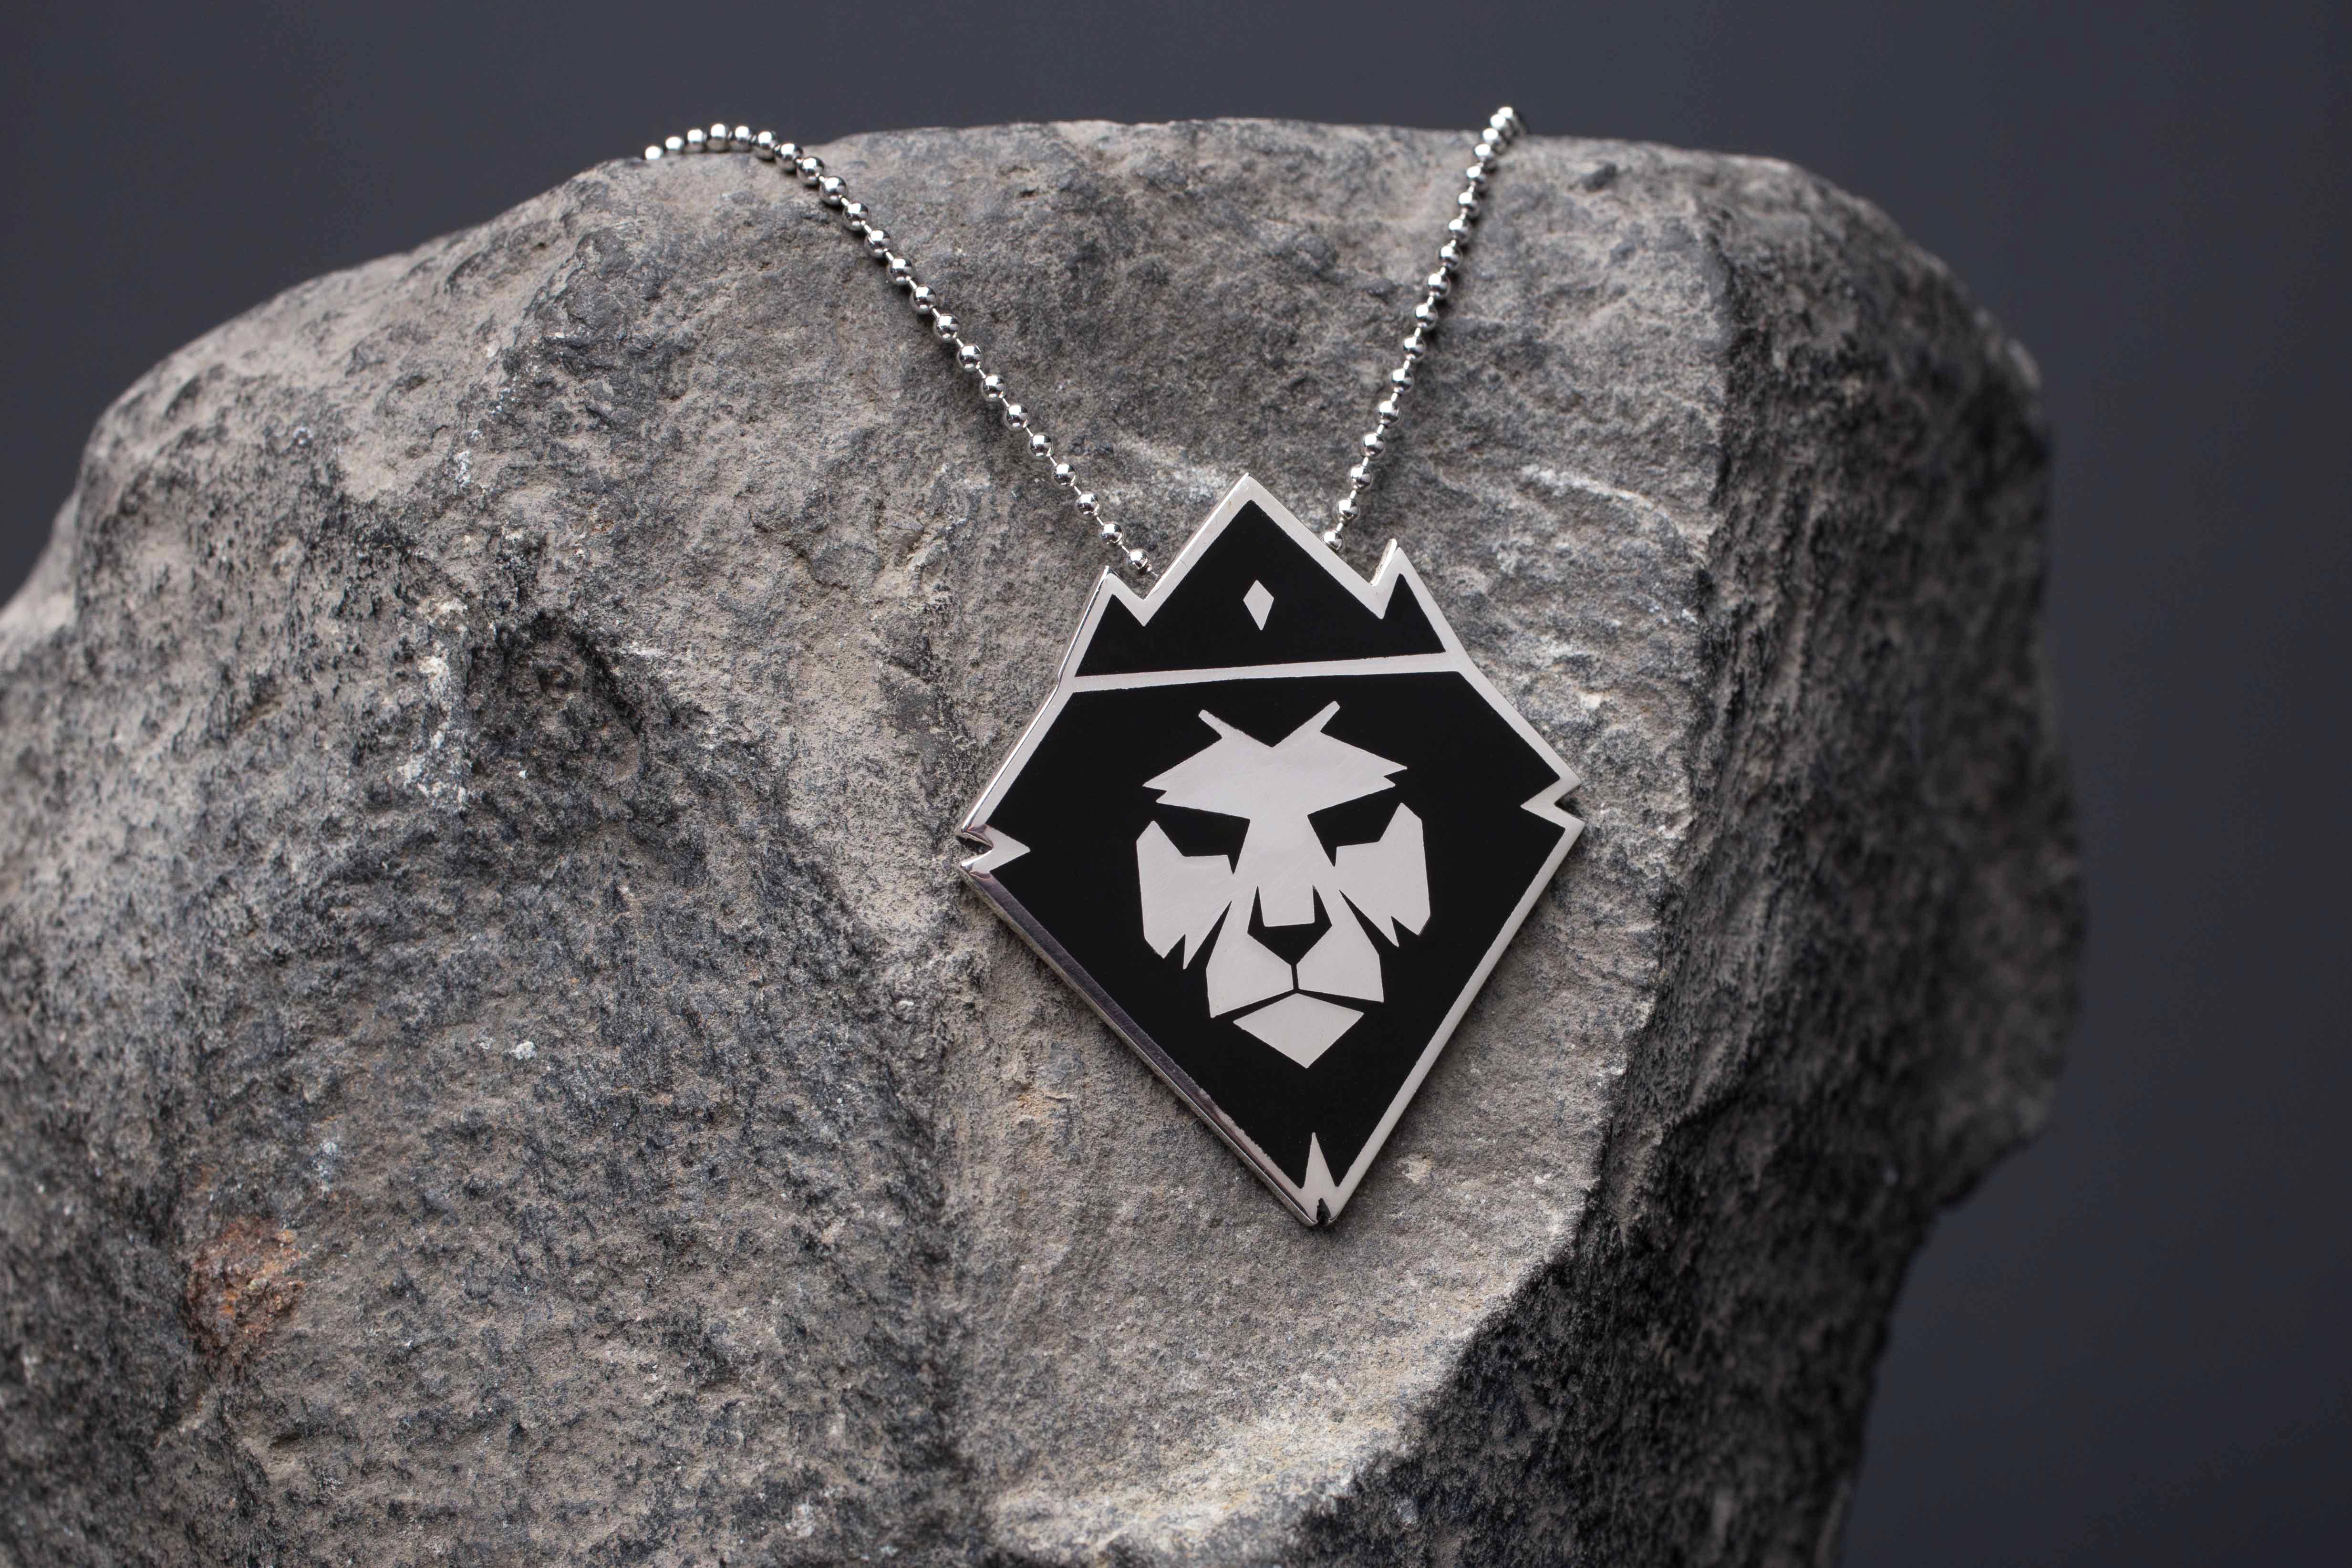 d0551d8c24 Ciondolo leone argento e smalto - Gioielli RisiviLab